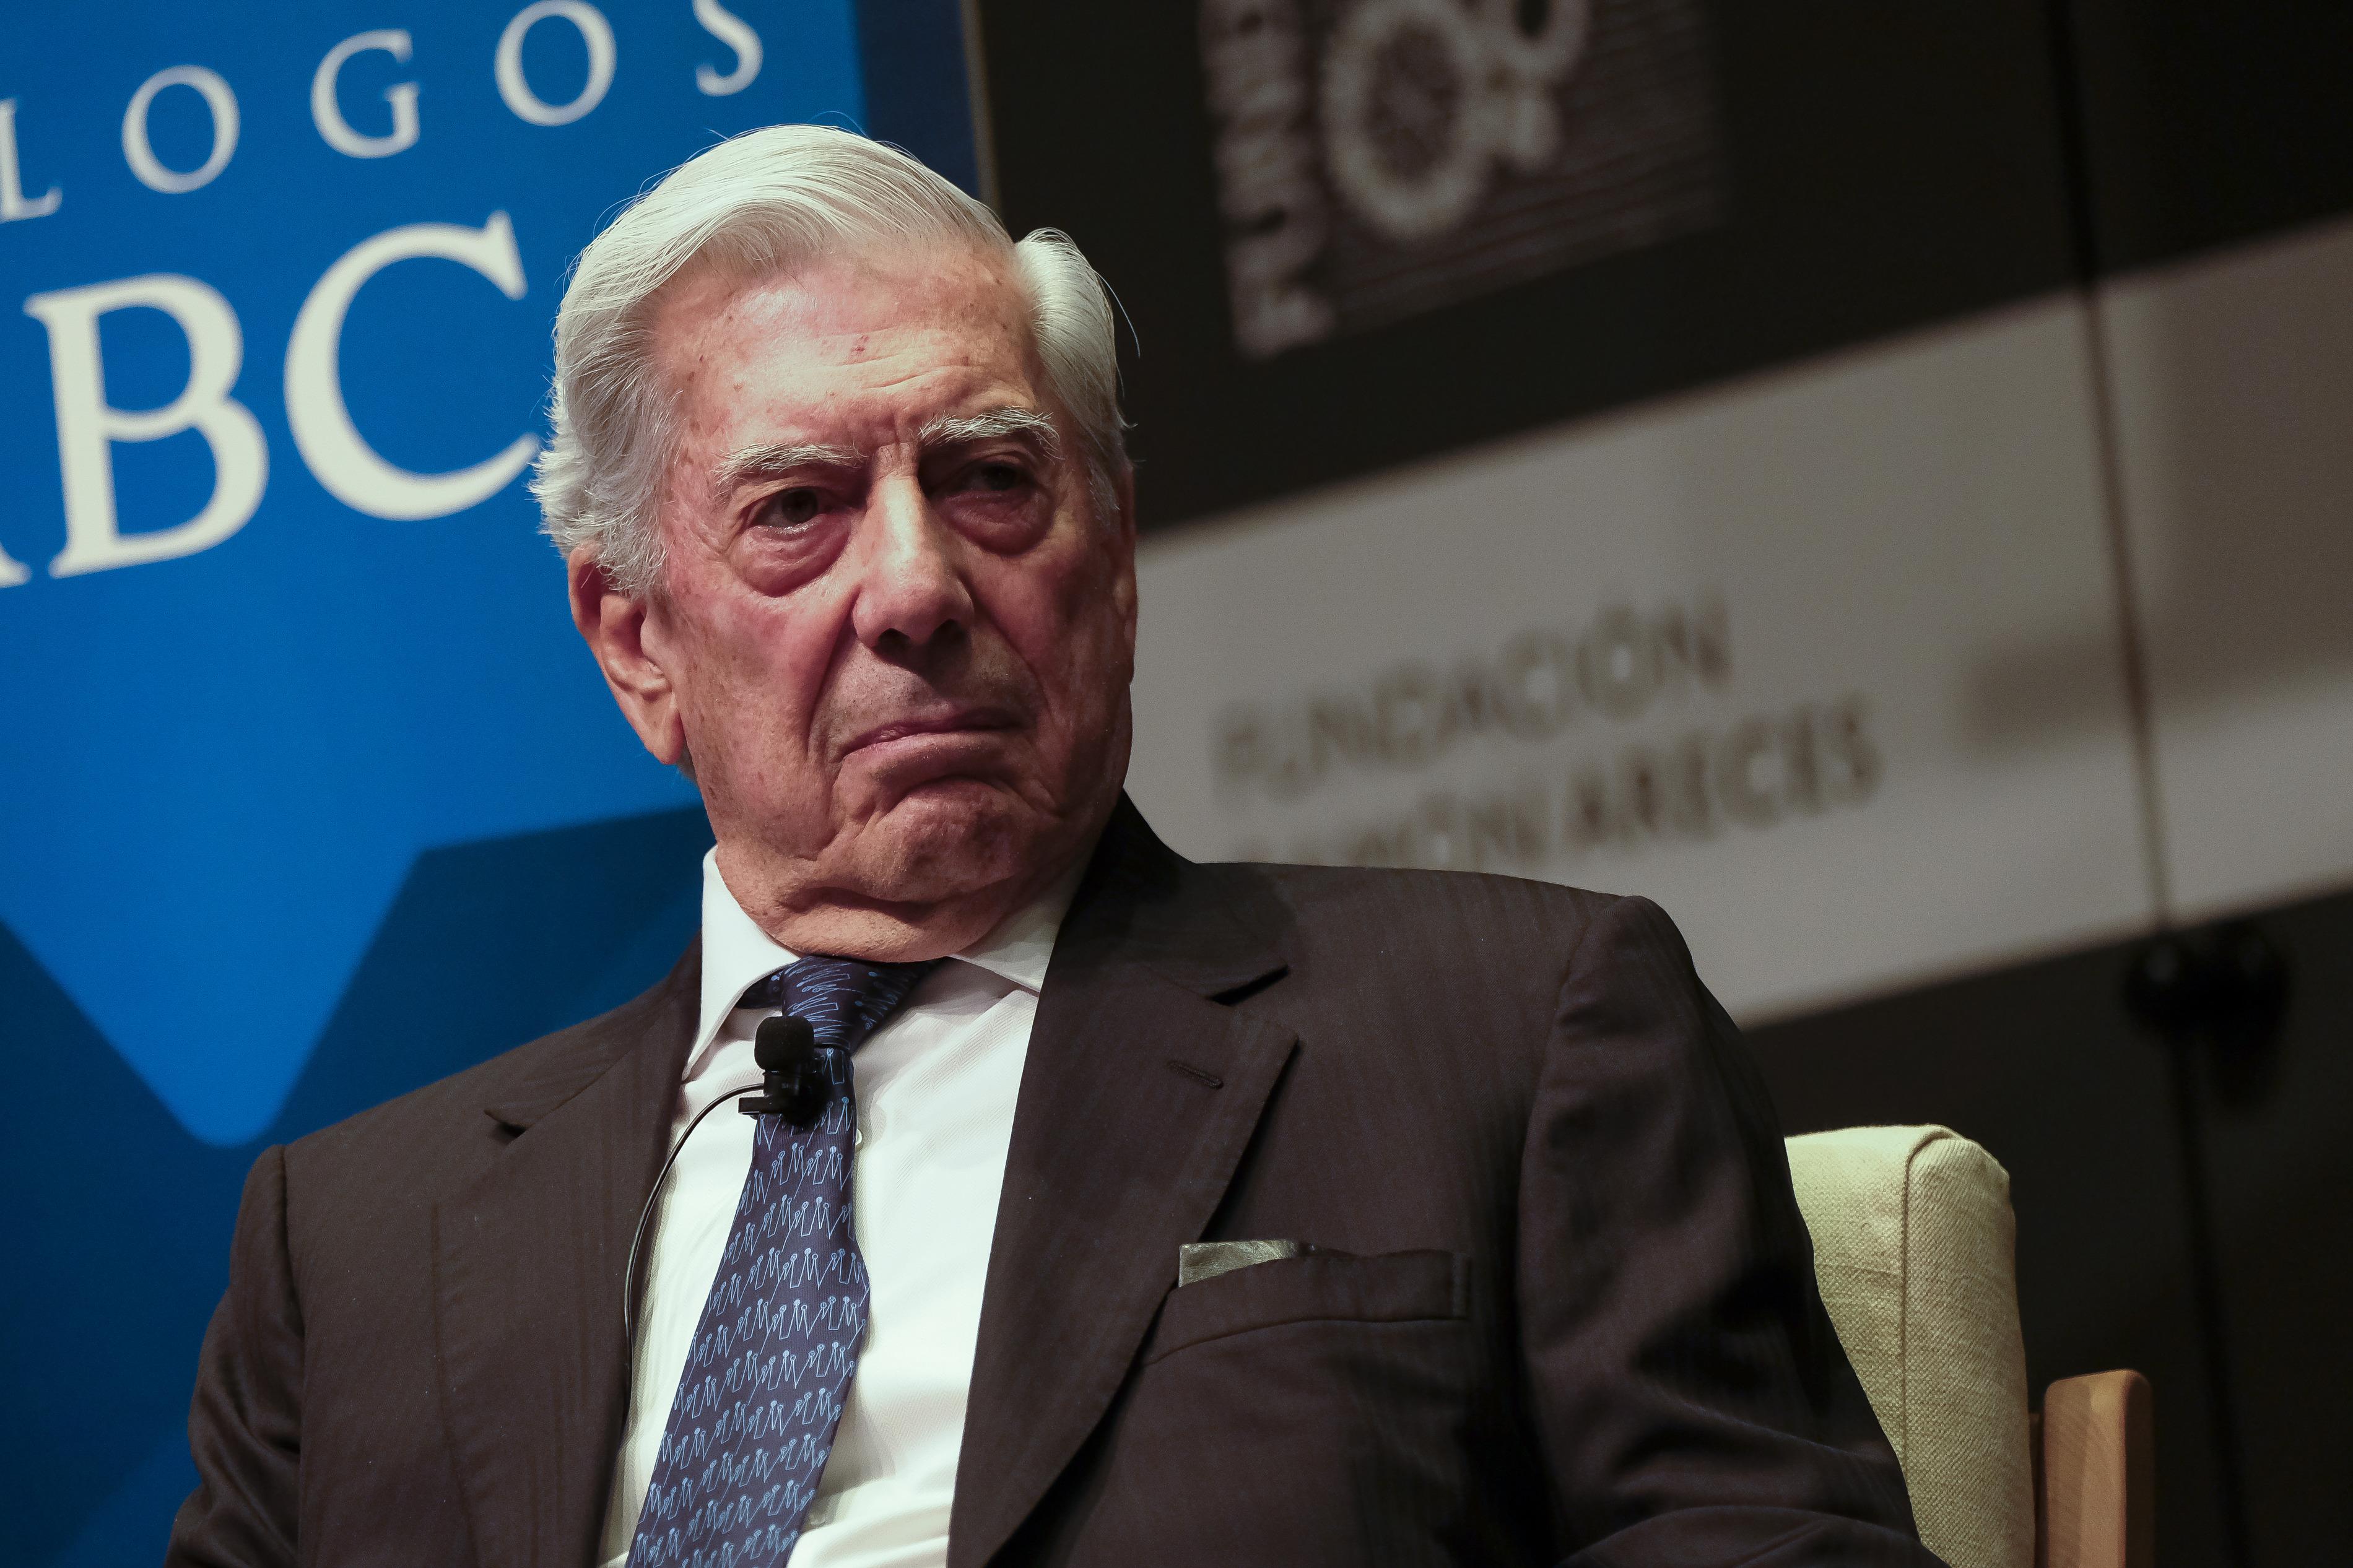 Mario Vargas Llosa szerint a CEU-t ért fenyegetés a szabadság kultúrája elleni támadás